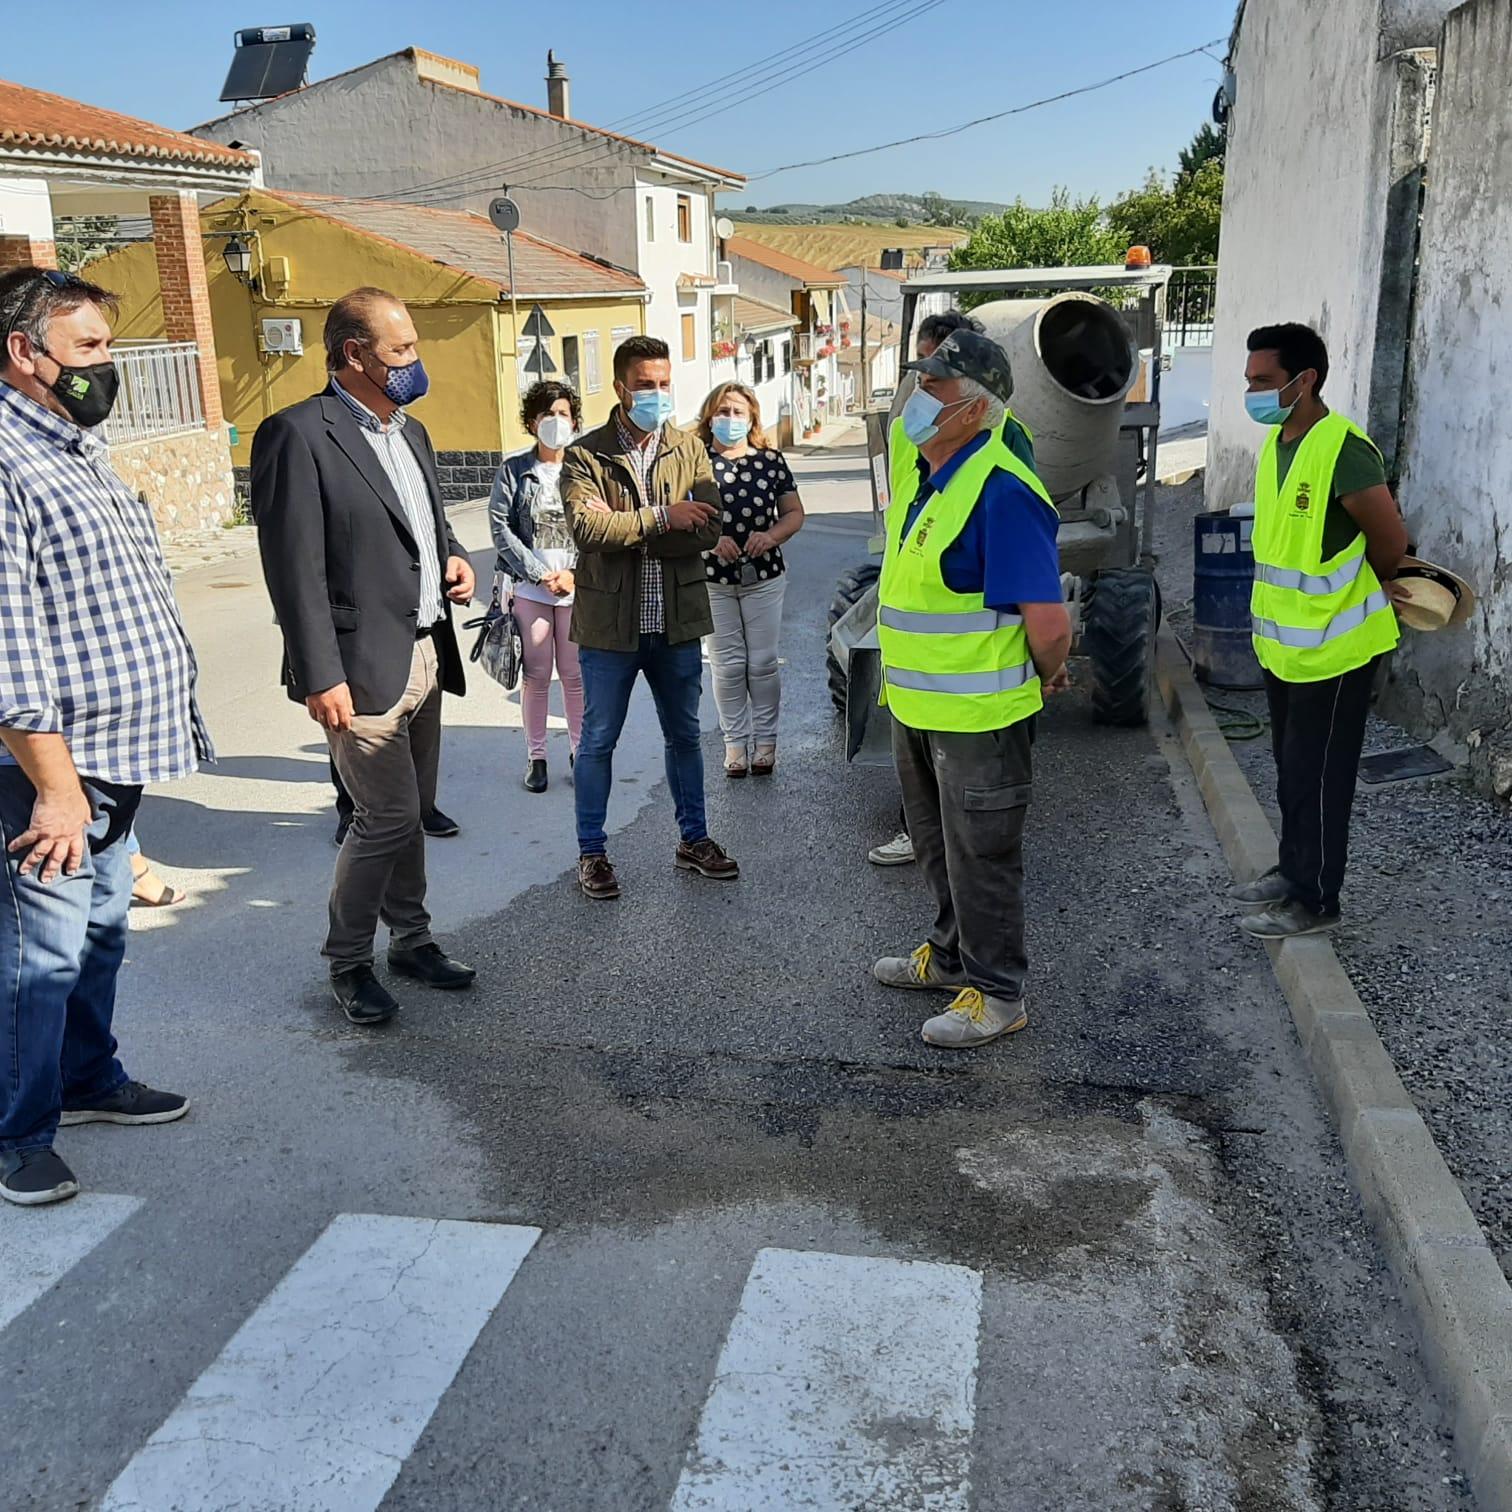 Pueblos de Moclín recibe 173.000 euros para infraestructuras municipales y reparar los daños de la DANA